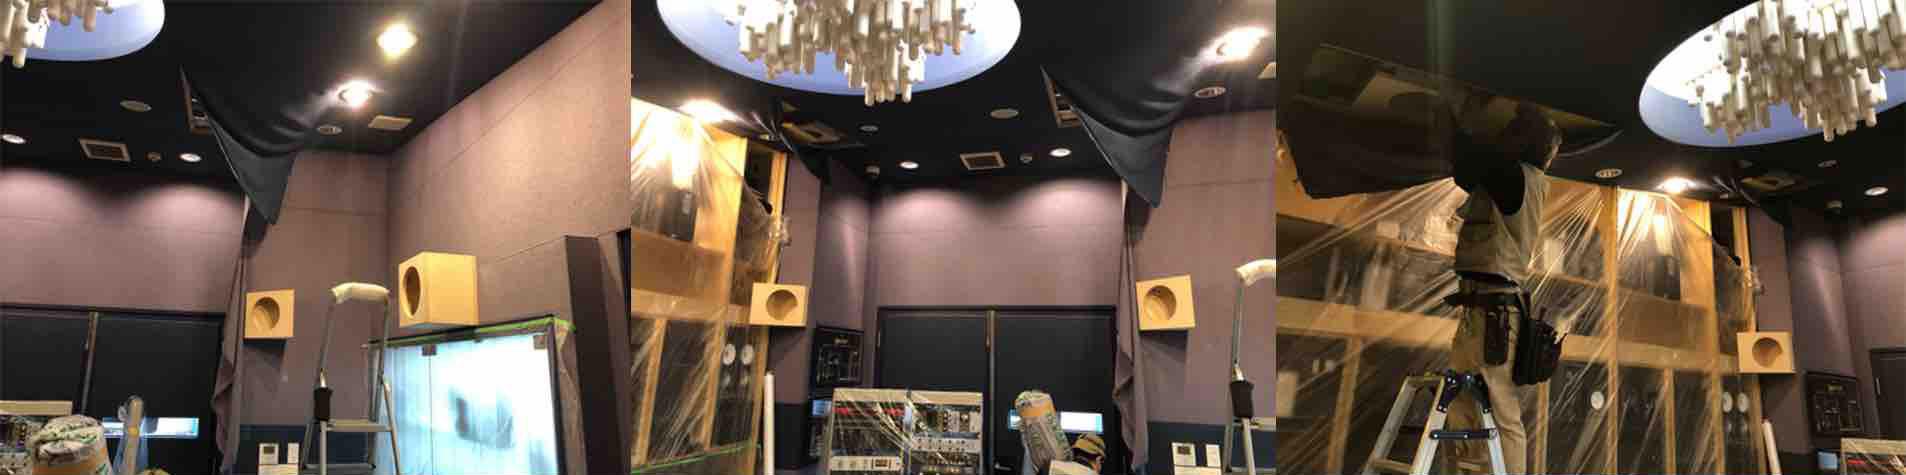 studio-before